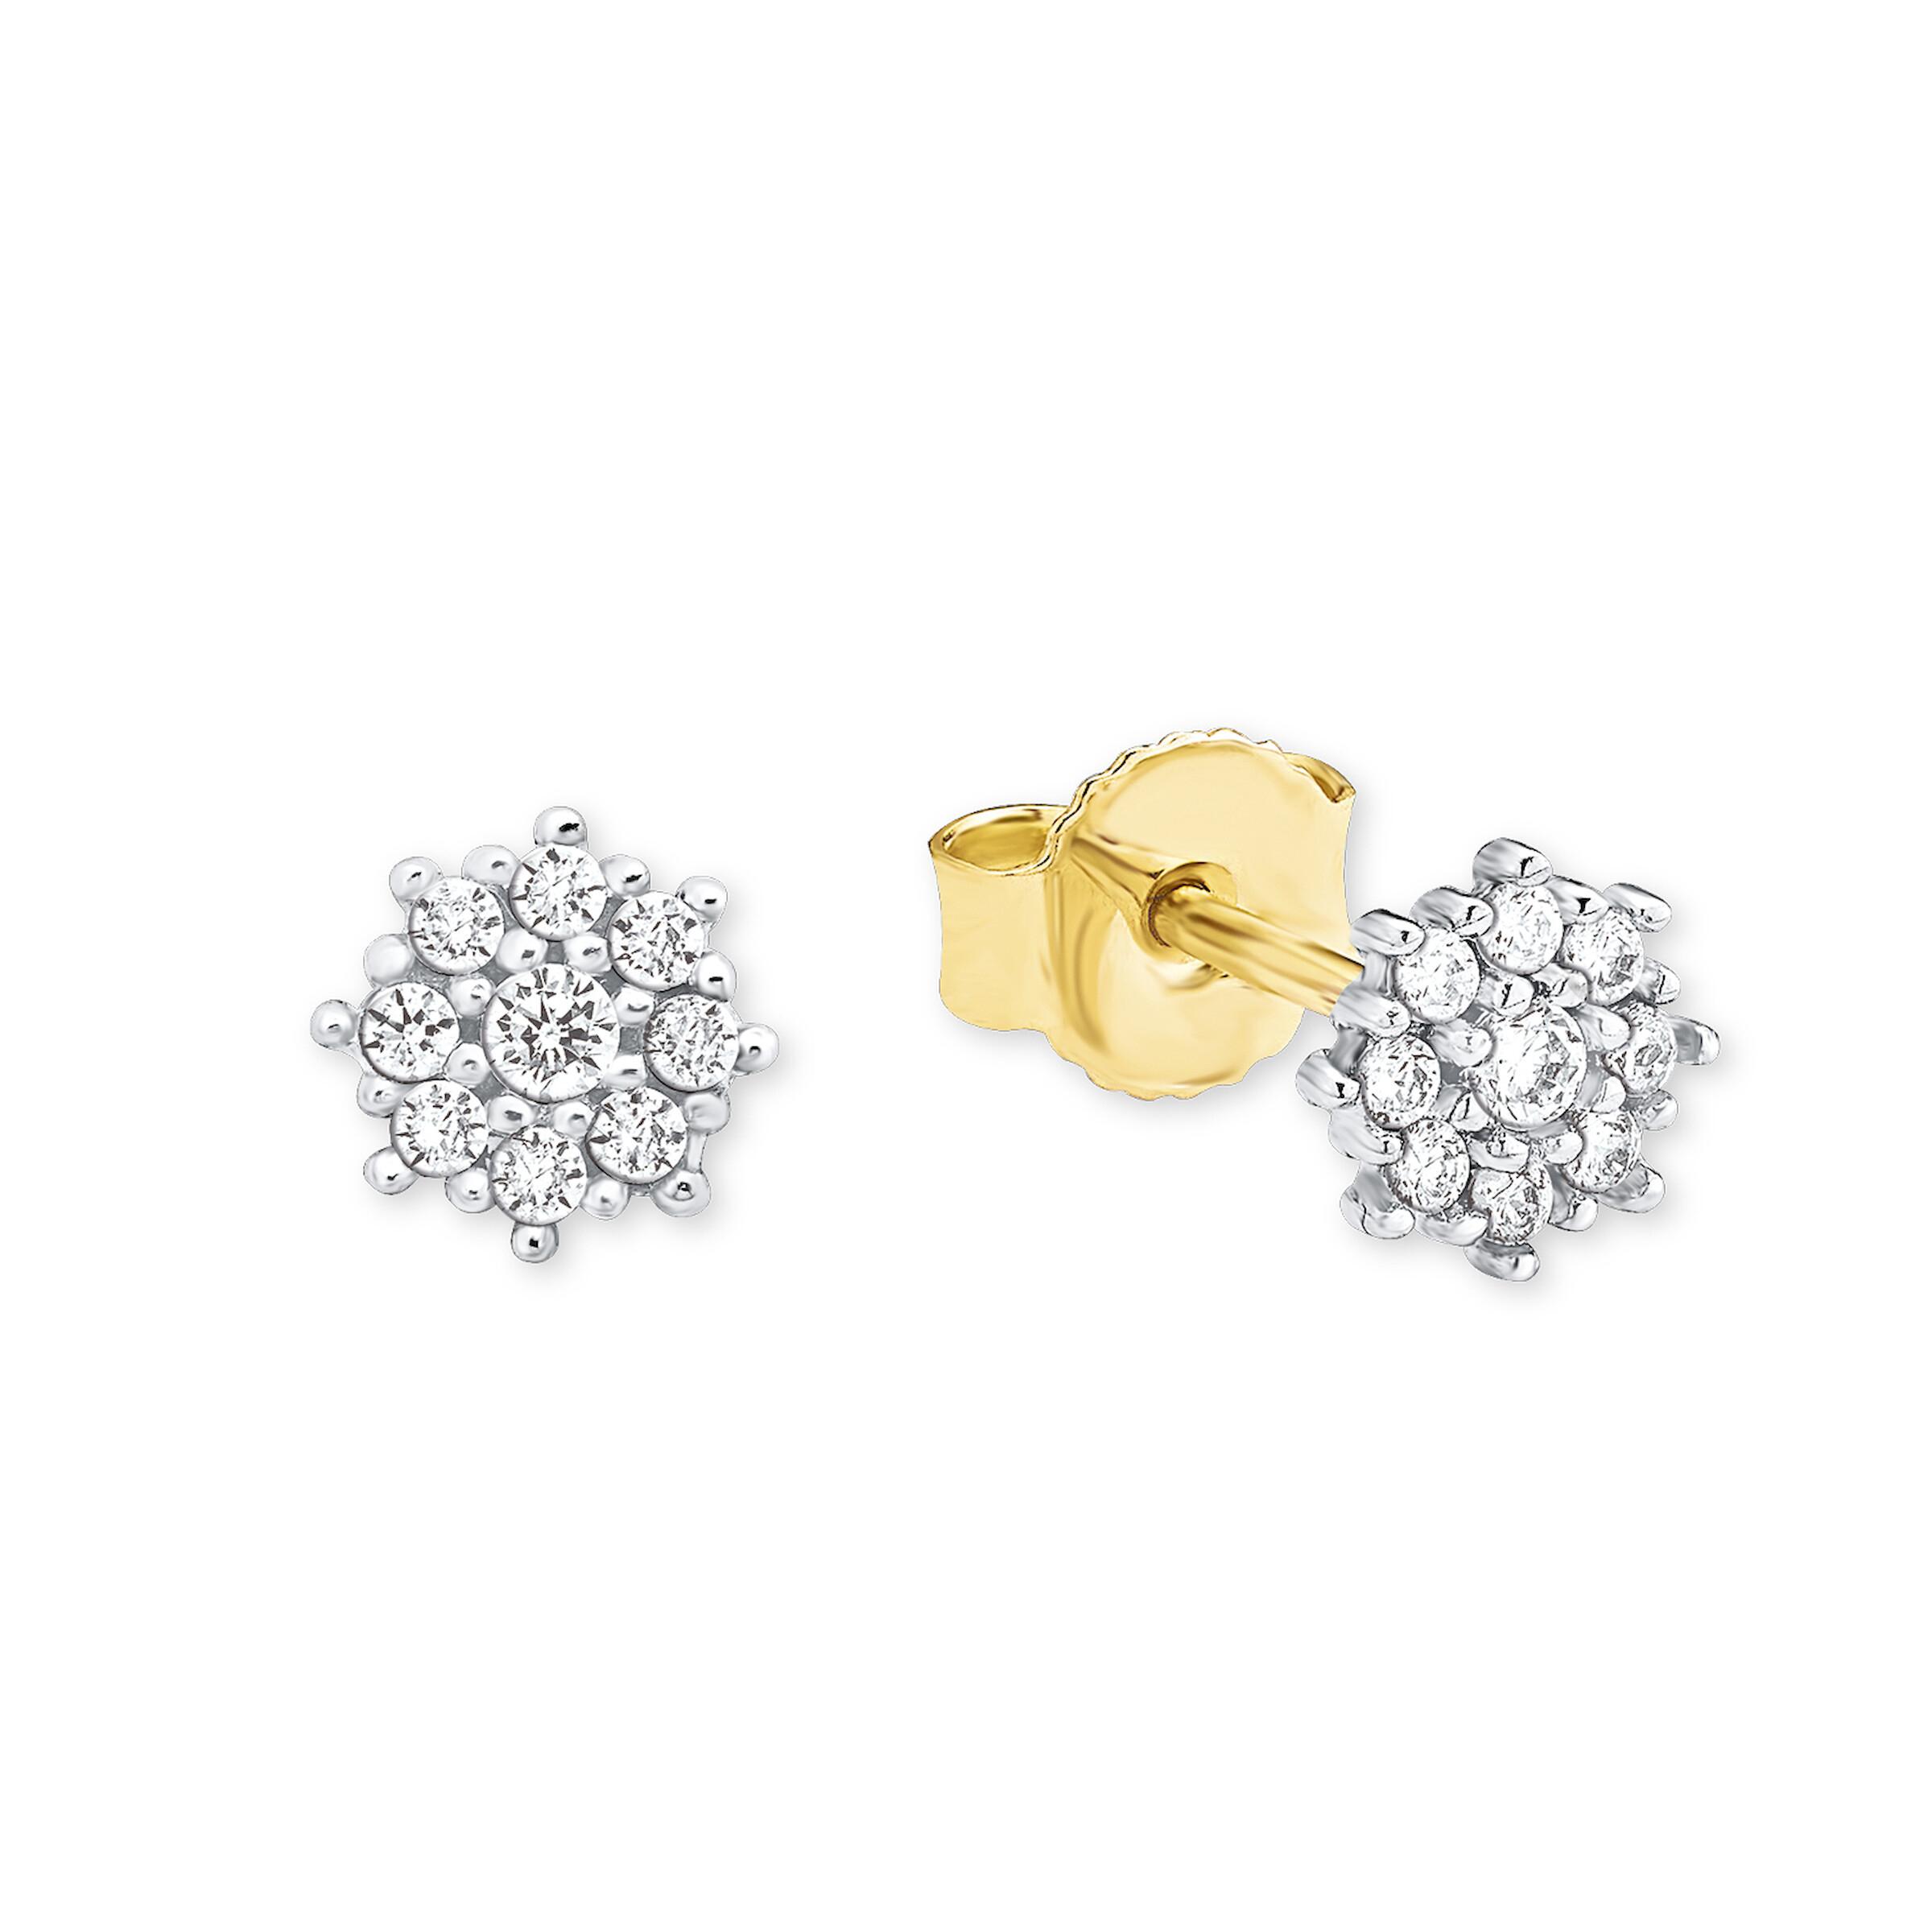 Ohrstecker für Damen, Gold 375, Zirkonia